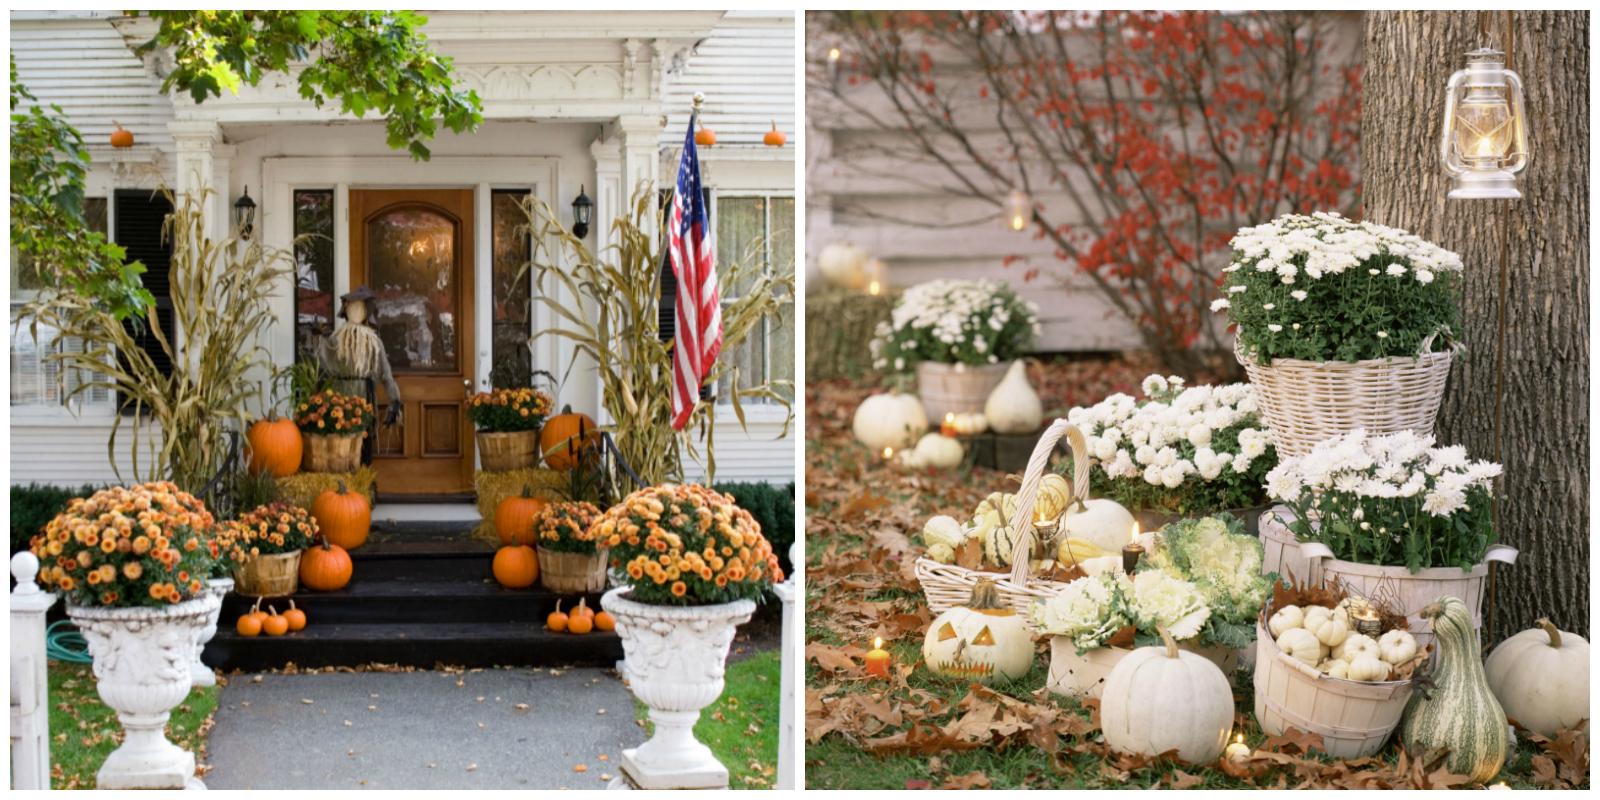 25 Outdoor Halloween Decorations